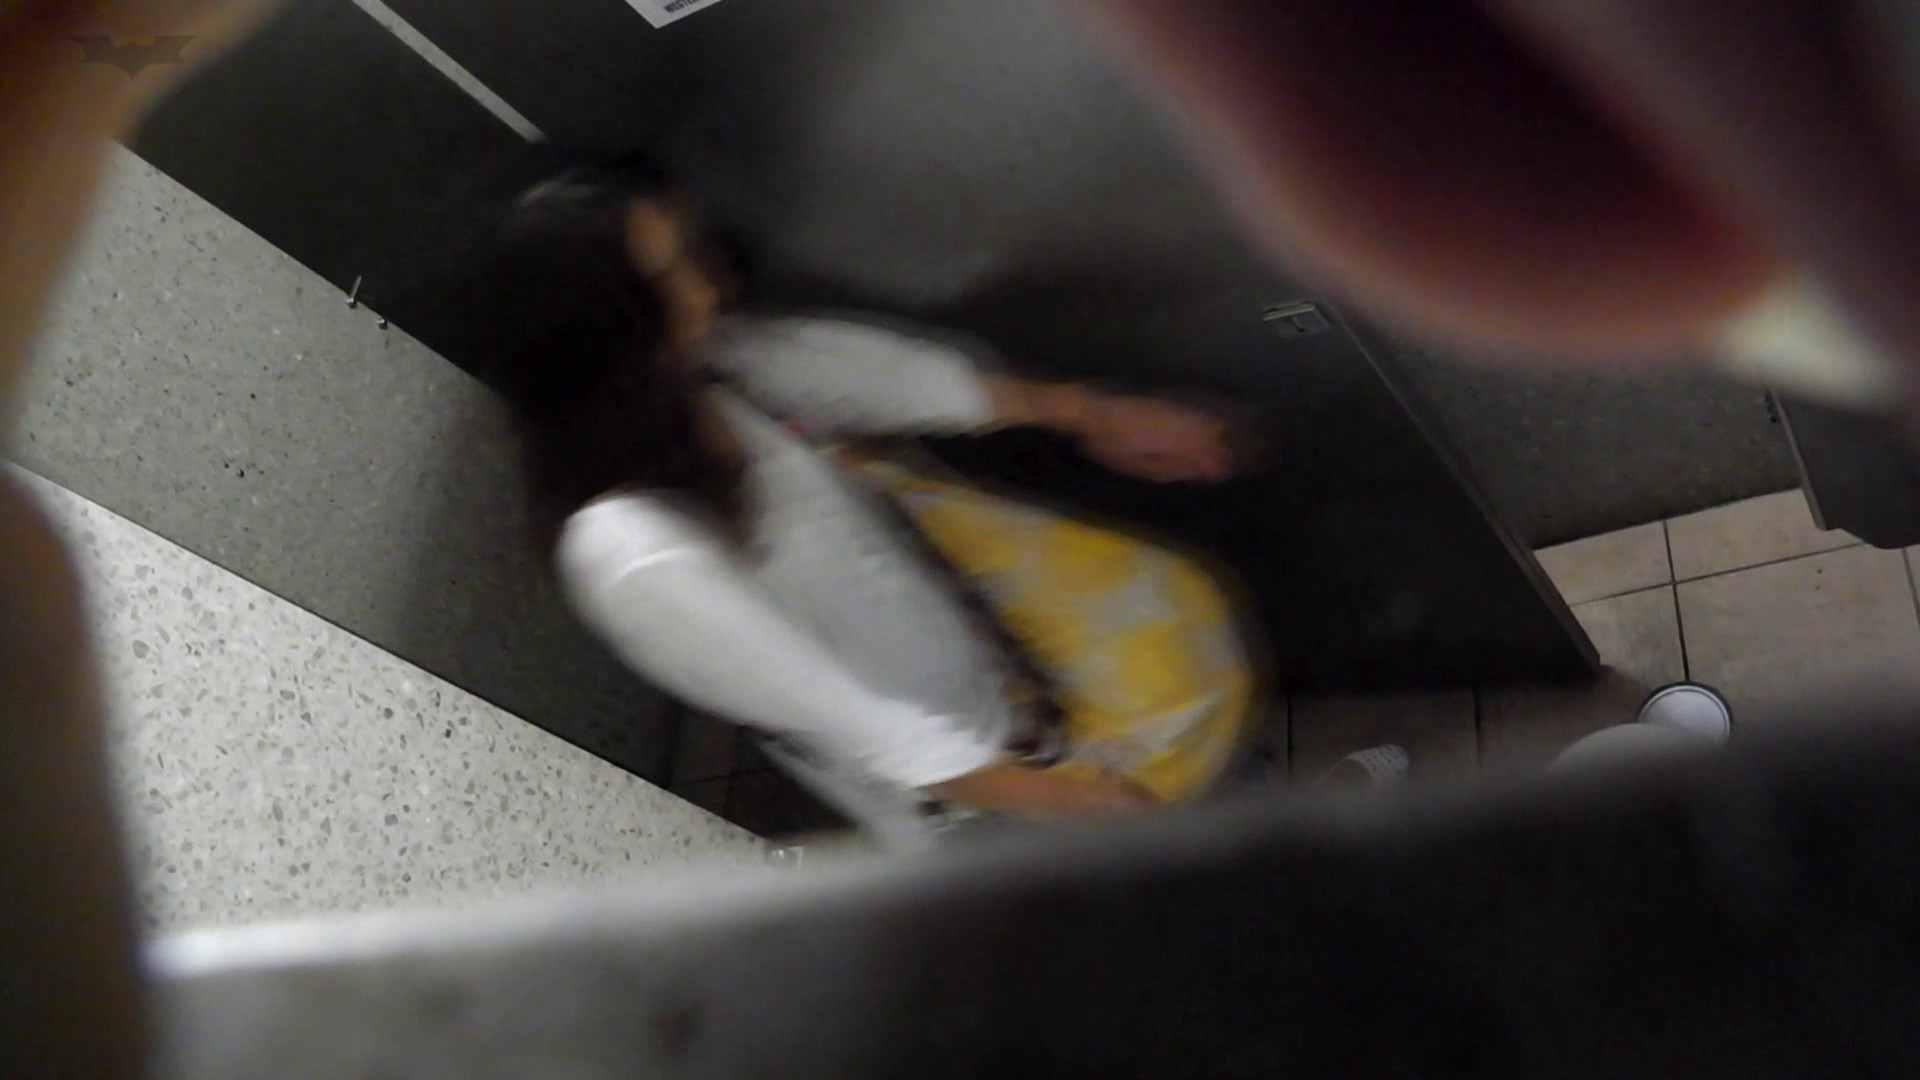 ▲復活限定▲マンコ丸見え!花火大会潜入撮 Vol.02 明るい場所に移動! 期間限定   マンコ  83画像 41